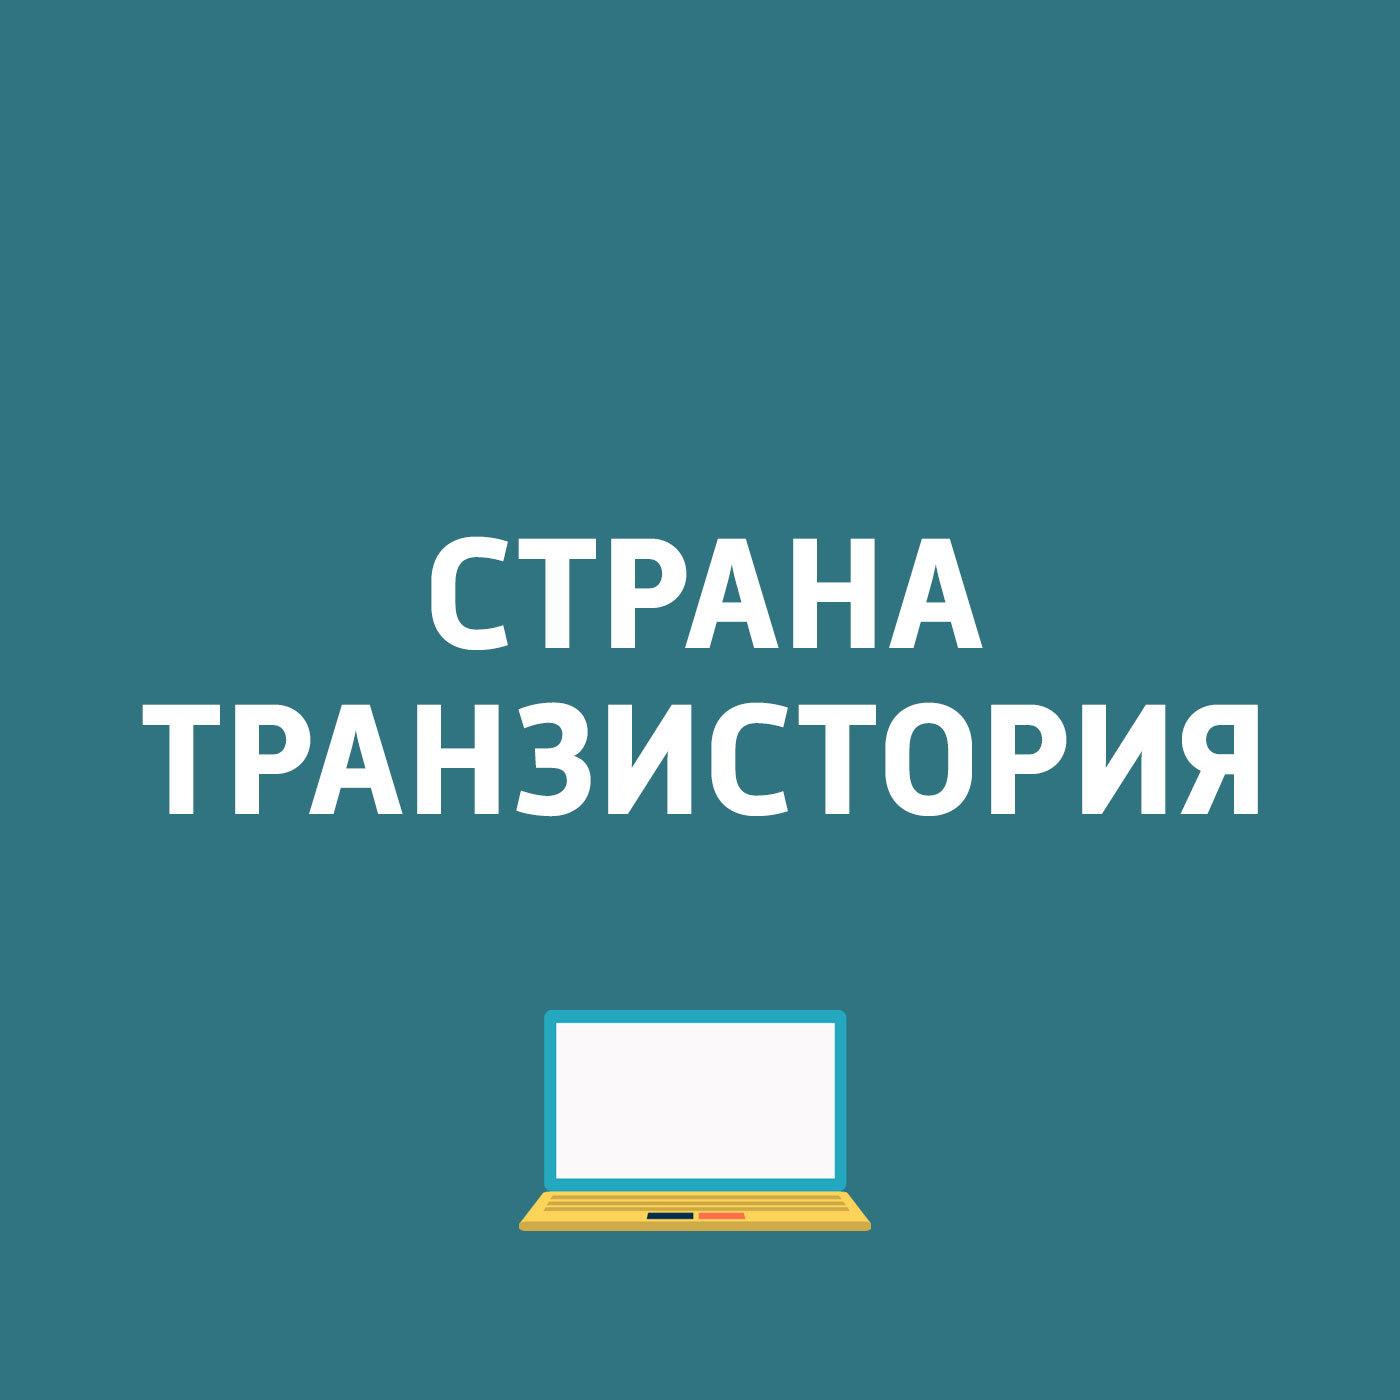 Картаев Павел Бесплатная Мобильная библиотека заработала на МЦК яндекс